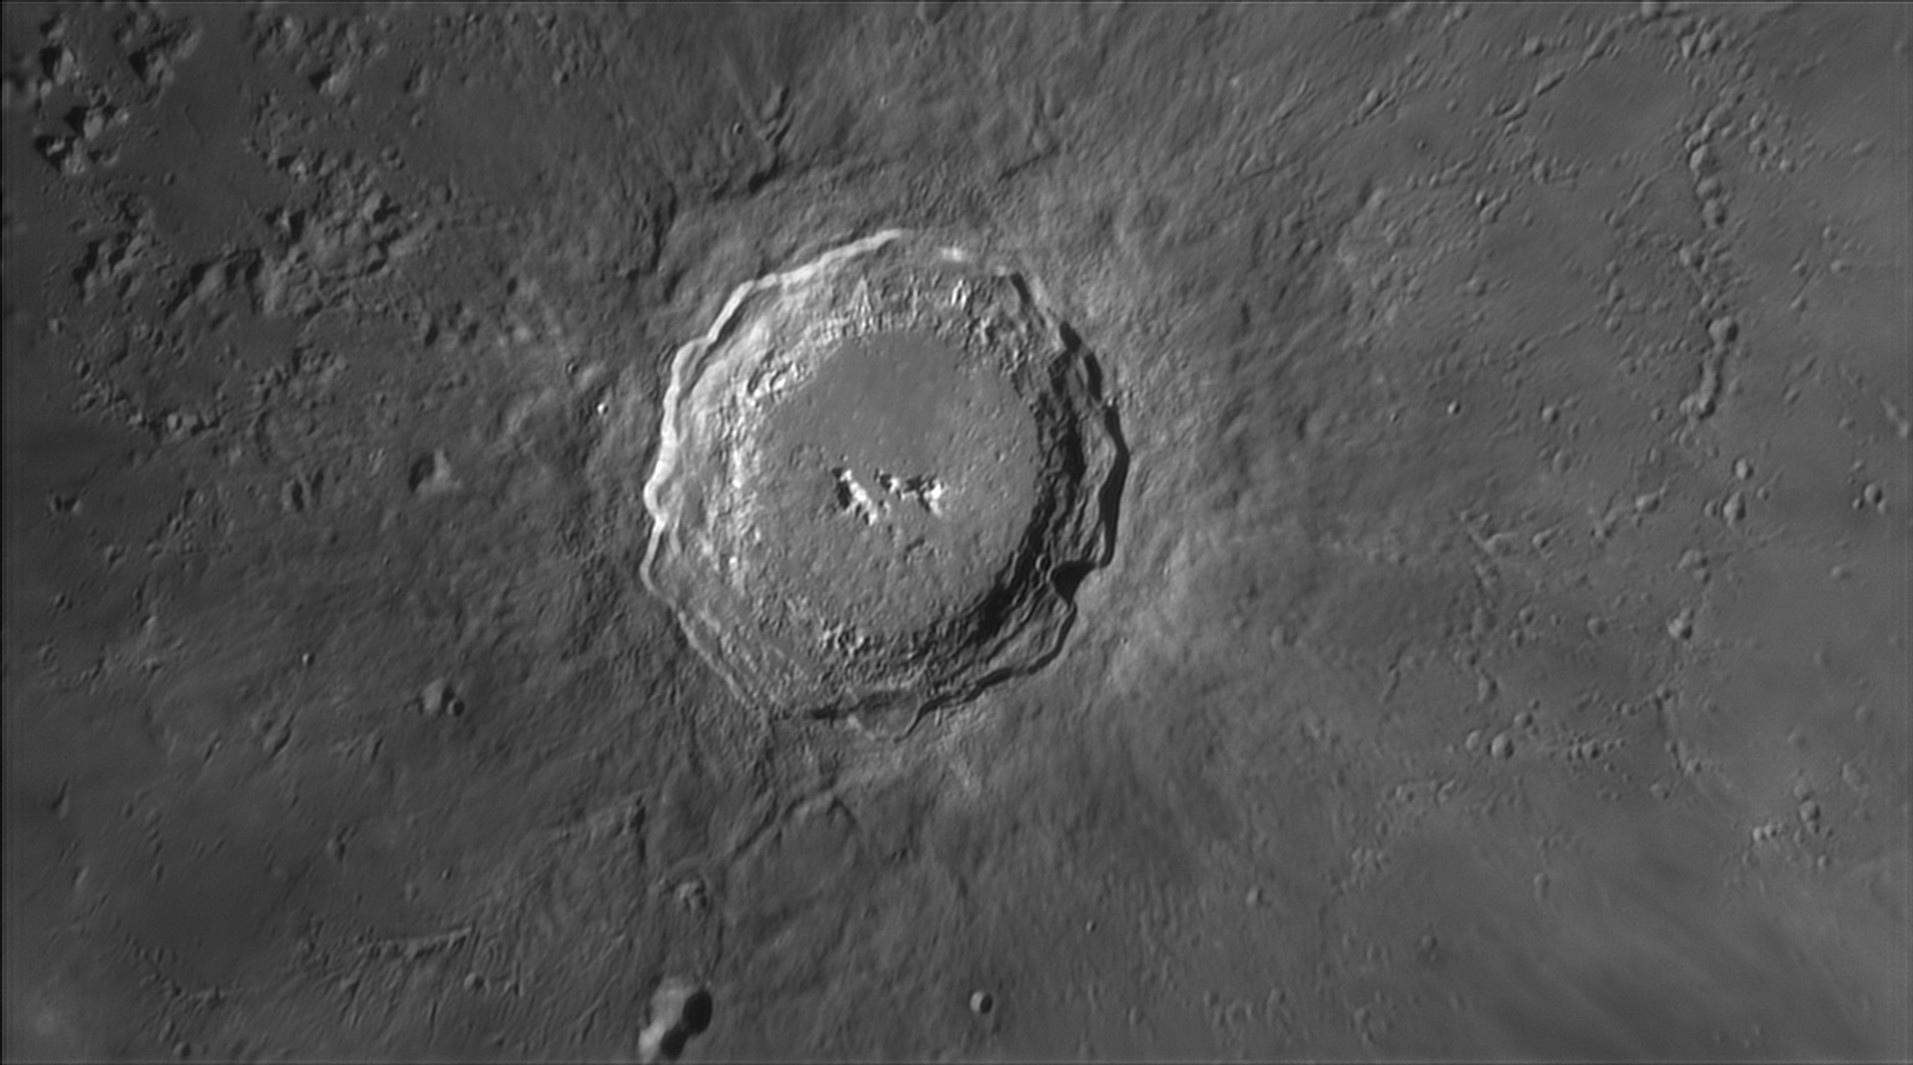 5fc004471d69b_Copernicus17H54TU25112020.jpg.2dc464b2333a0d2f135e9d11b2089a8d.jpg